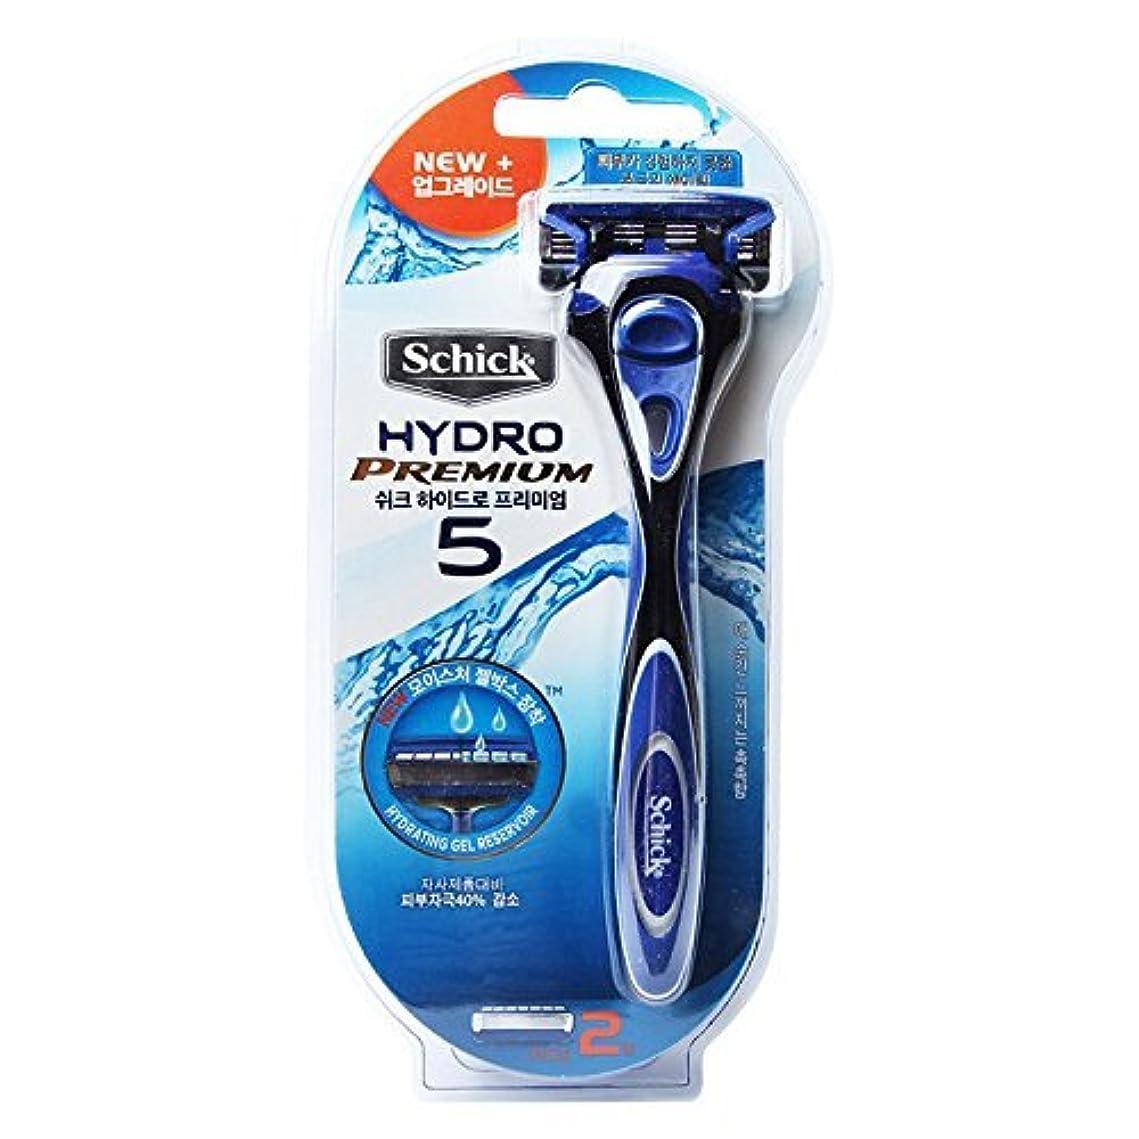 真実終了しました上げるSchick Hydro 5 Premium トリマーで男性と2カミソリ詰め替え用カミソリ [並行輸入品]